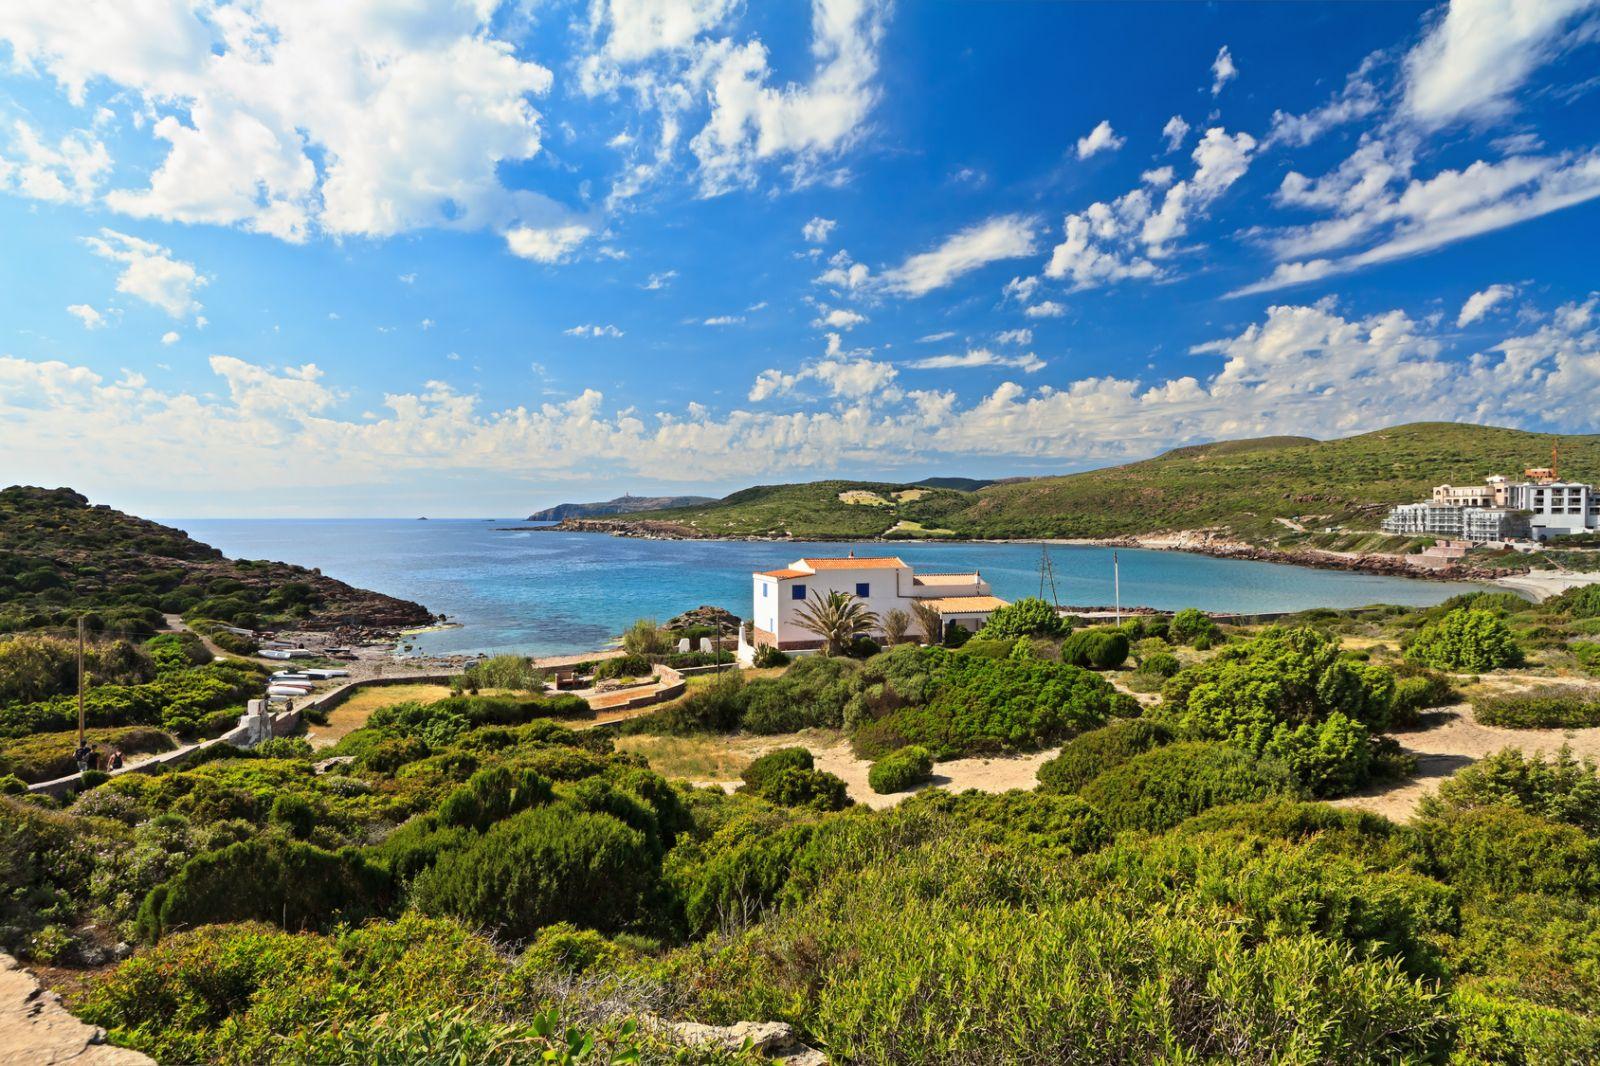 Auf der kleinen Insel San Pietro südwestlich von Sardinien geht es noch ruhig zu. ©Antonio Scarpi/AdobeStock